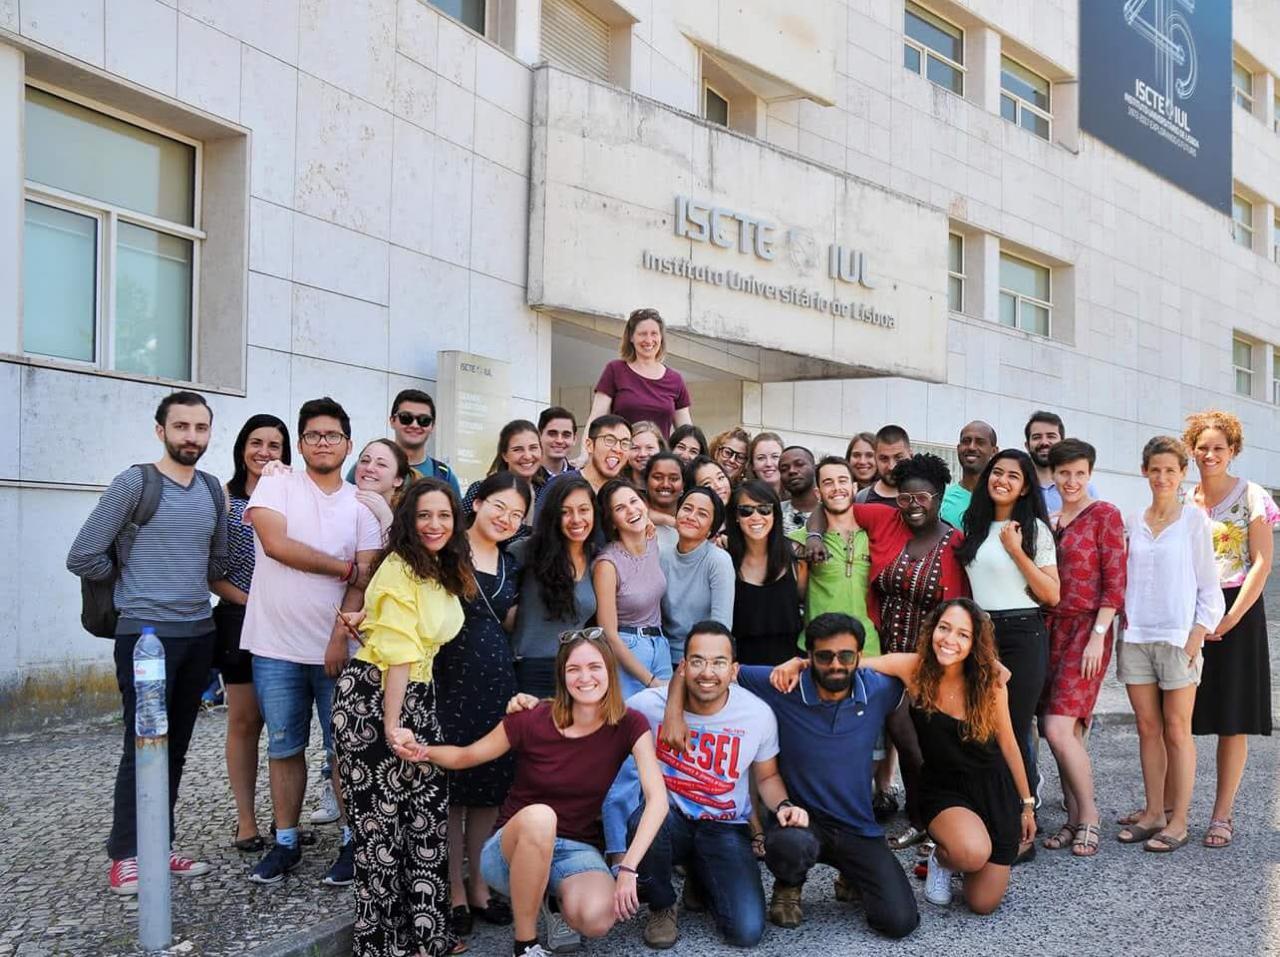 Nadhill (baris kedua, kelima dari kiri) berpose bersama teman-temannya di depan kampus Instituto Universitário de Lisboa